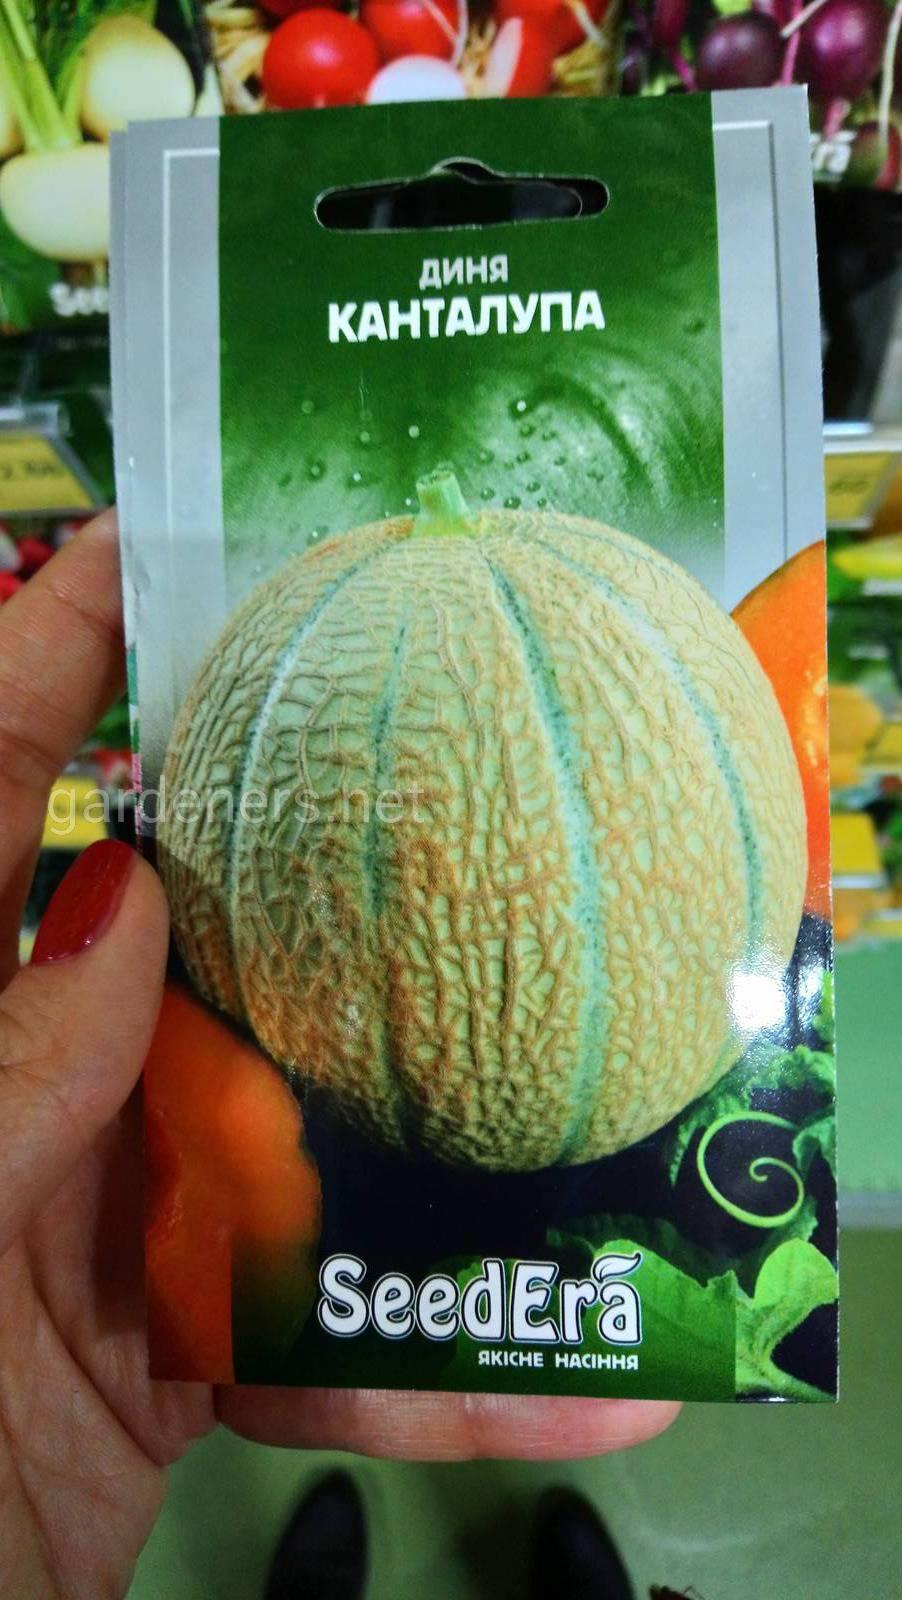 Дыня канталупа, особенности выращивания с фото